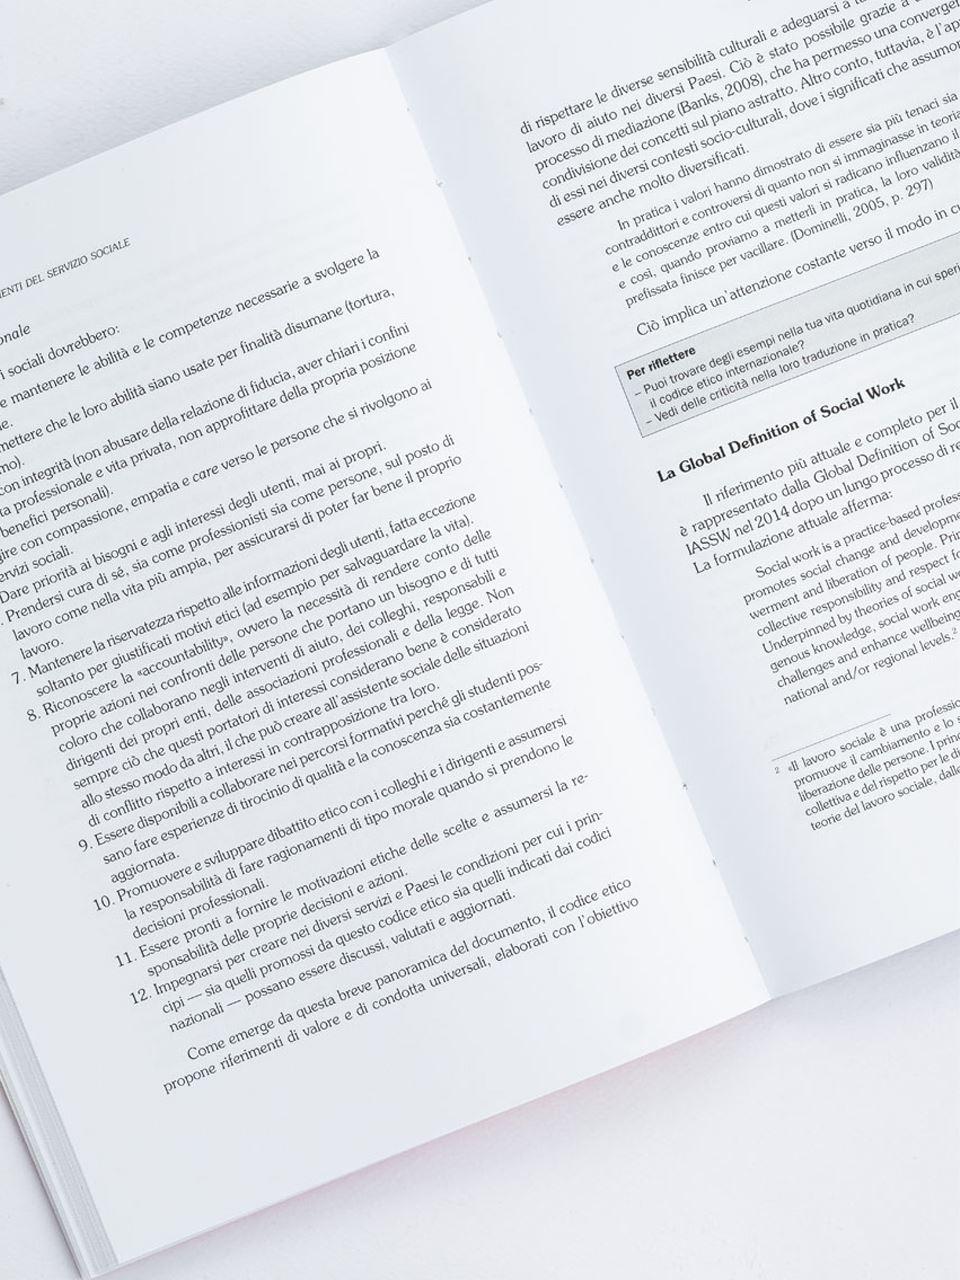 Principi e fondamenti del servizio sociale - Libri - Erickson 2